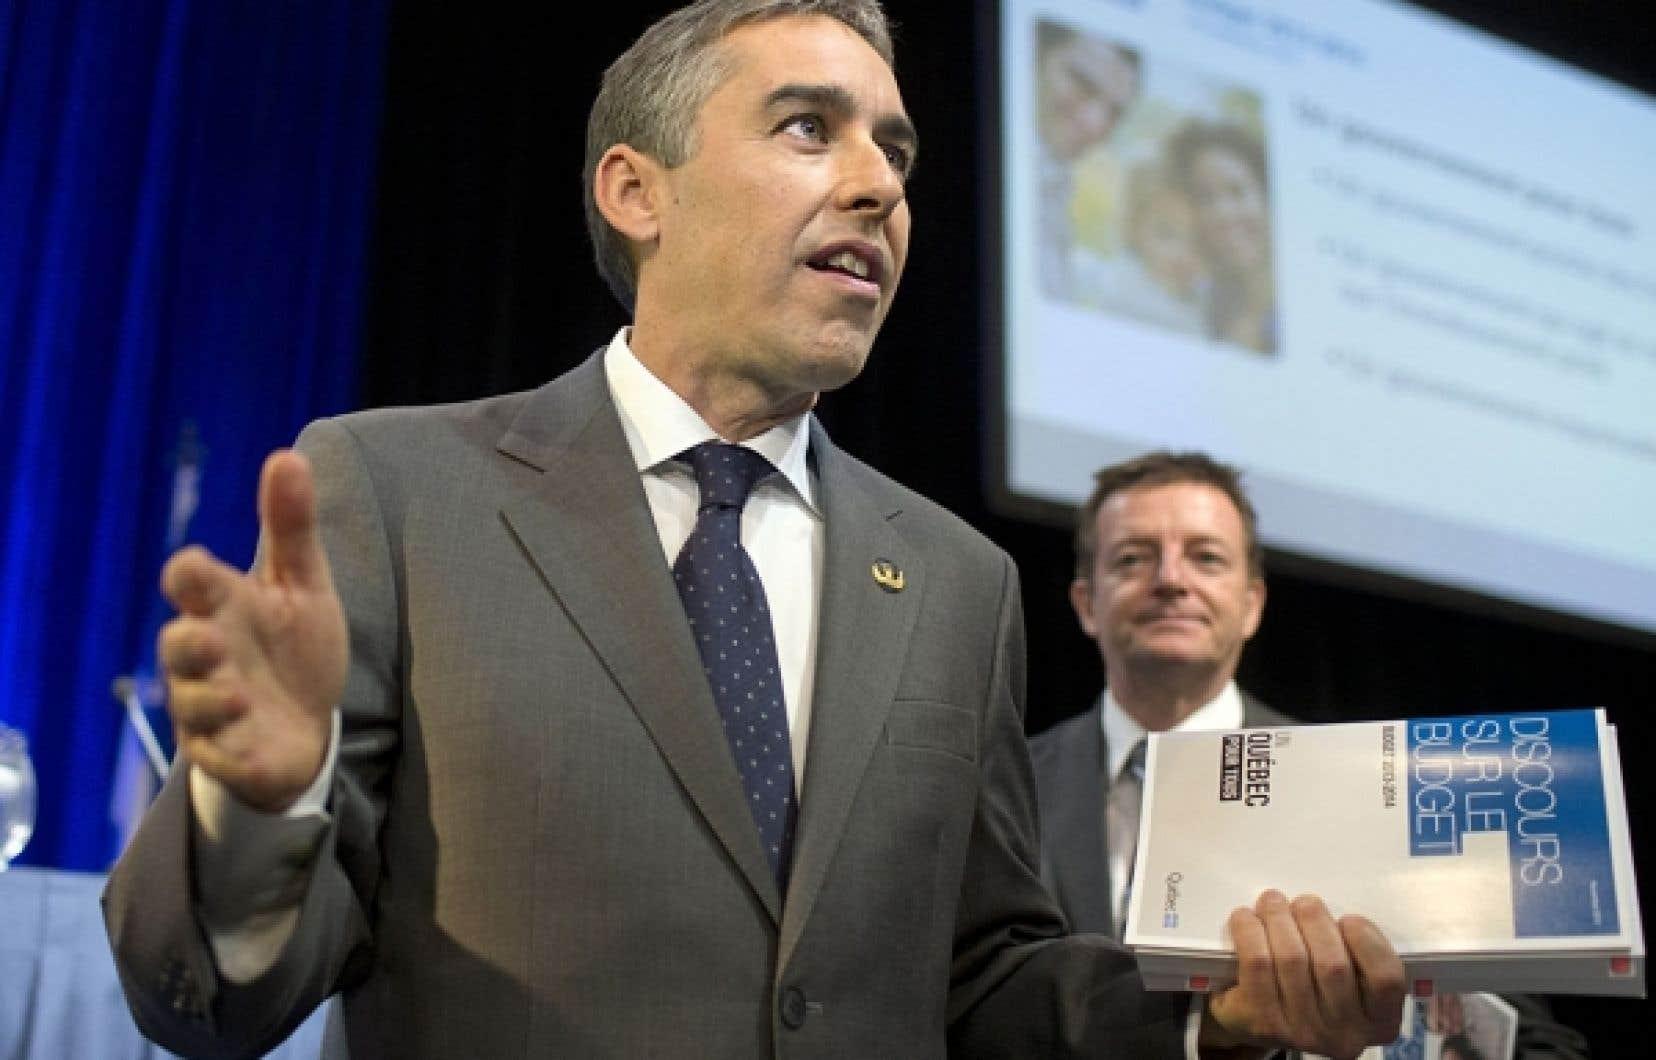 Le taux de réception du budget du ministre Nicolas Marceau est en fait très semblable au taux de satisfaction global que récolte le gouvernement Marois.